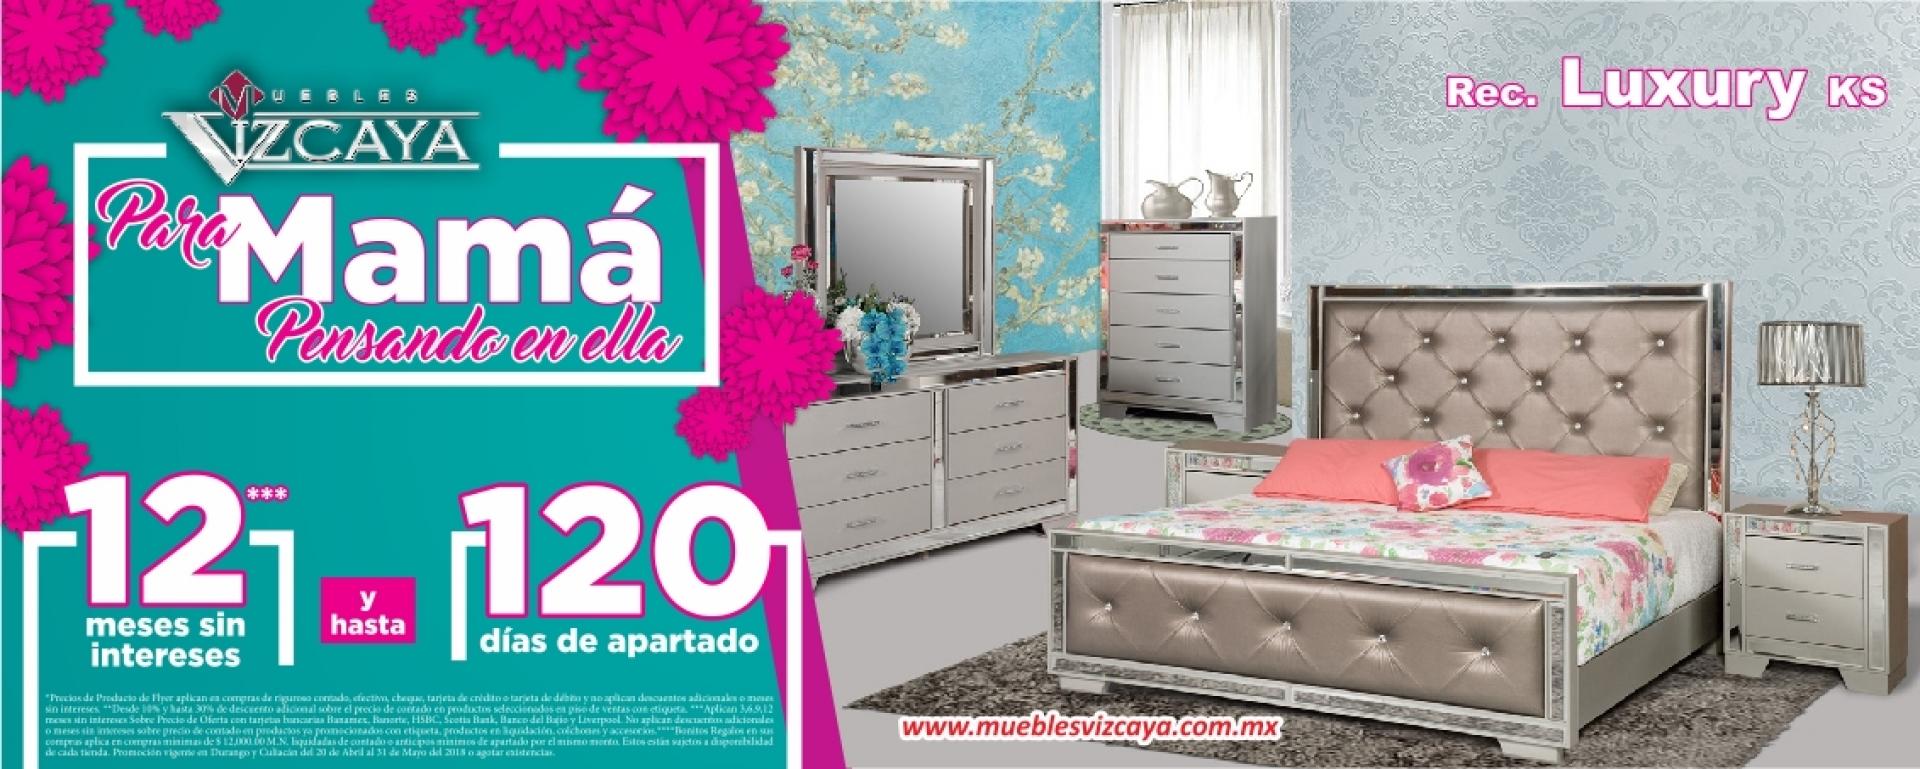 Muebles Vizcaya de Durango